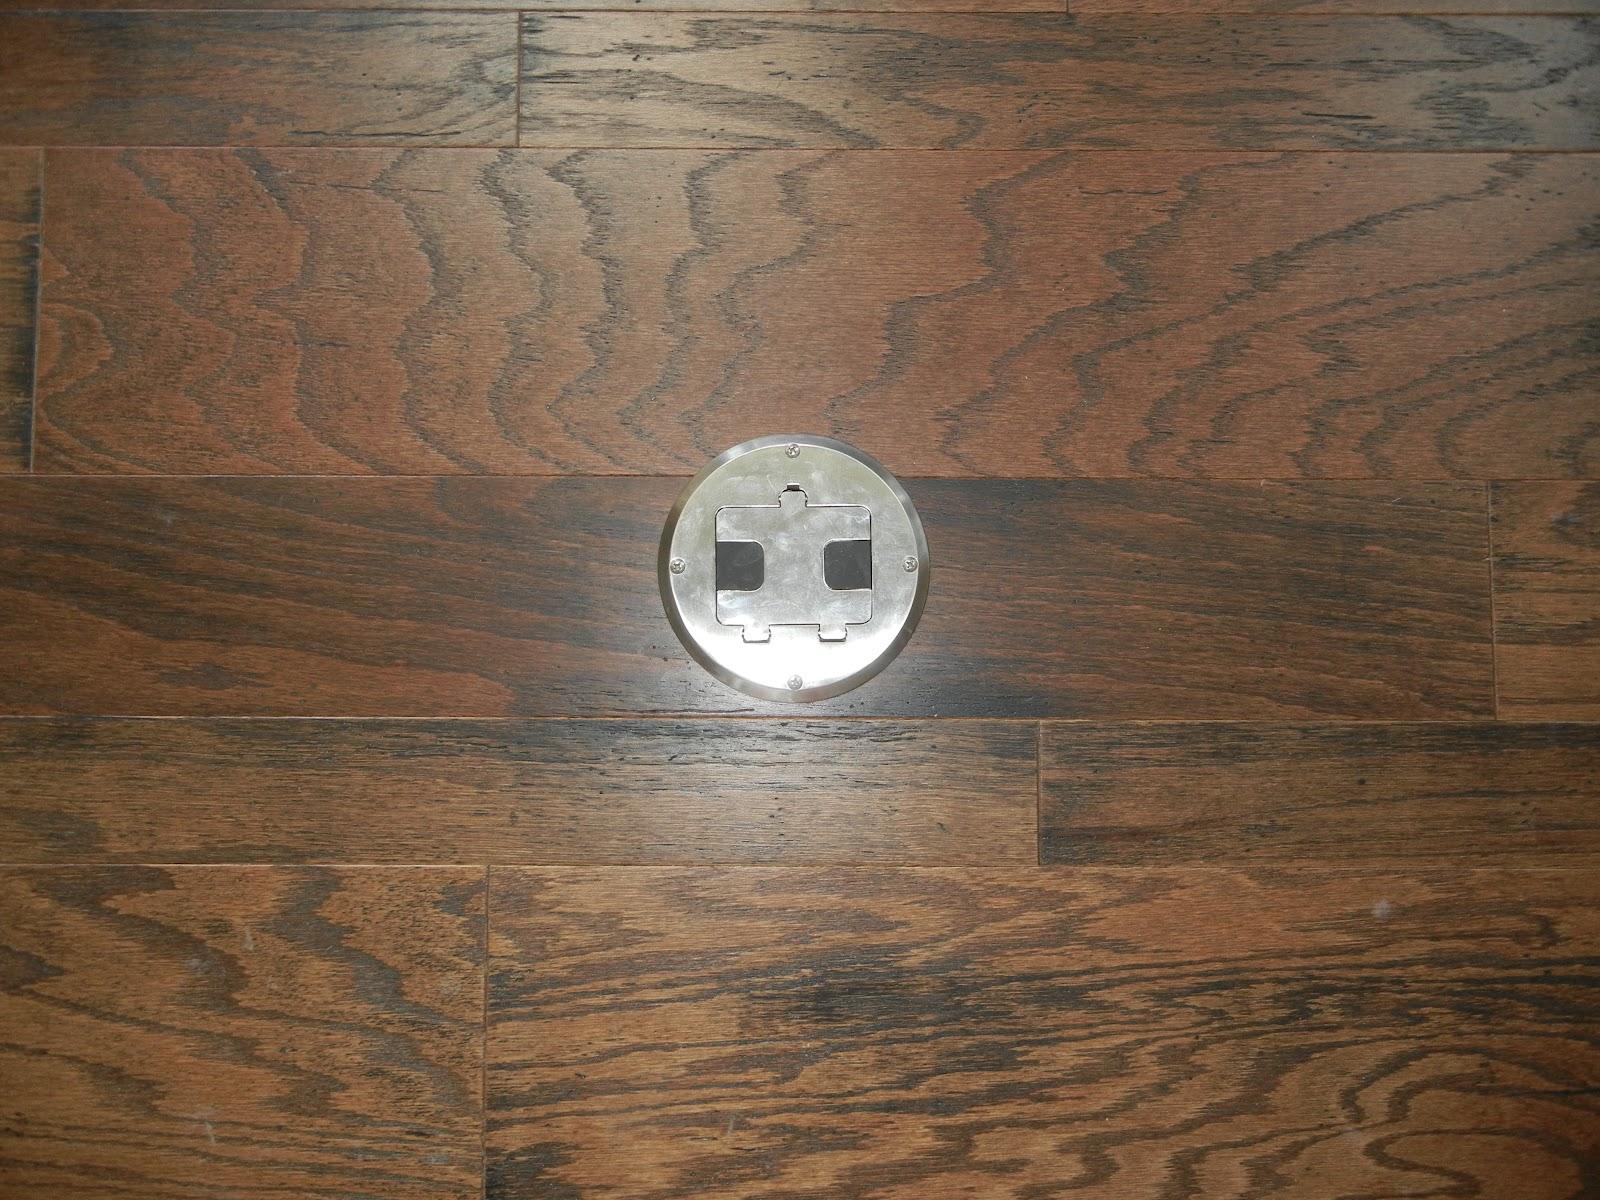 double oak plantation outlet in the hardwood floor. Black Bedroom Furniture Sets. Home Design Ideas